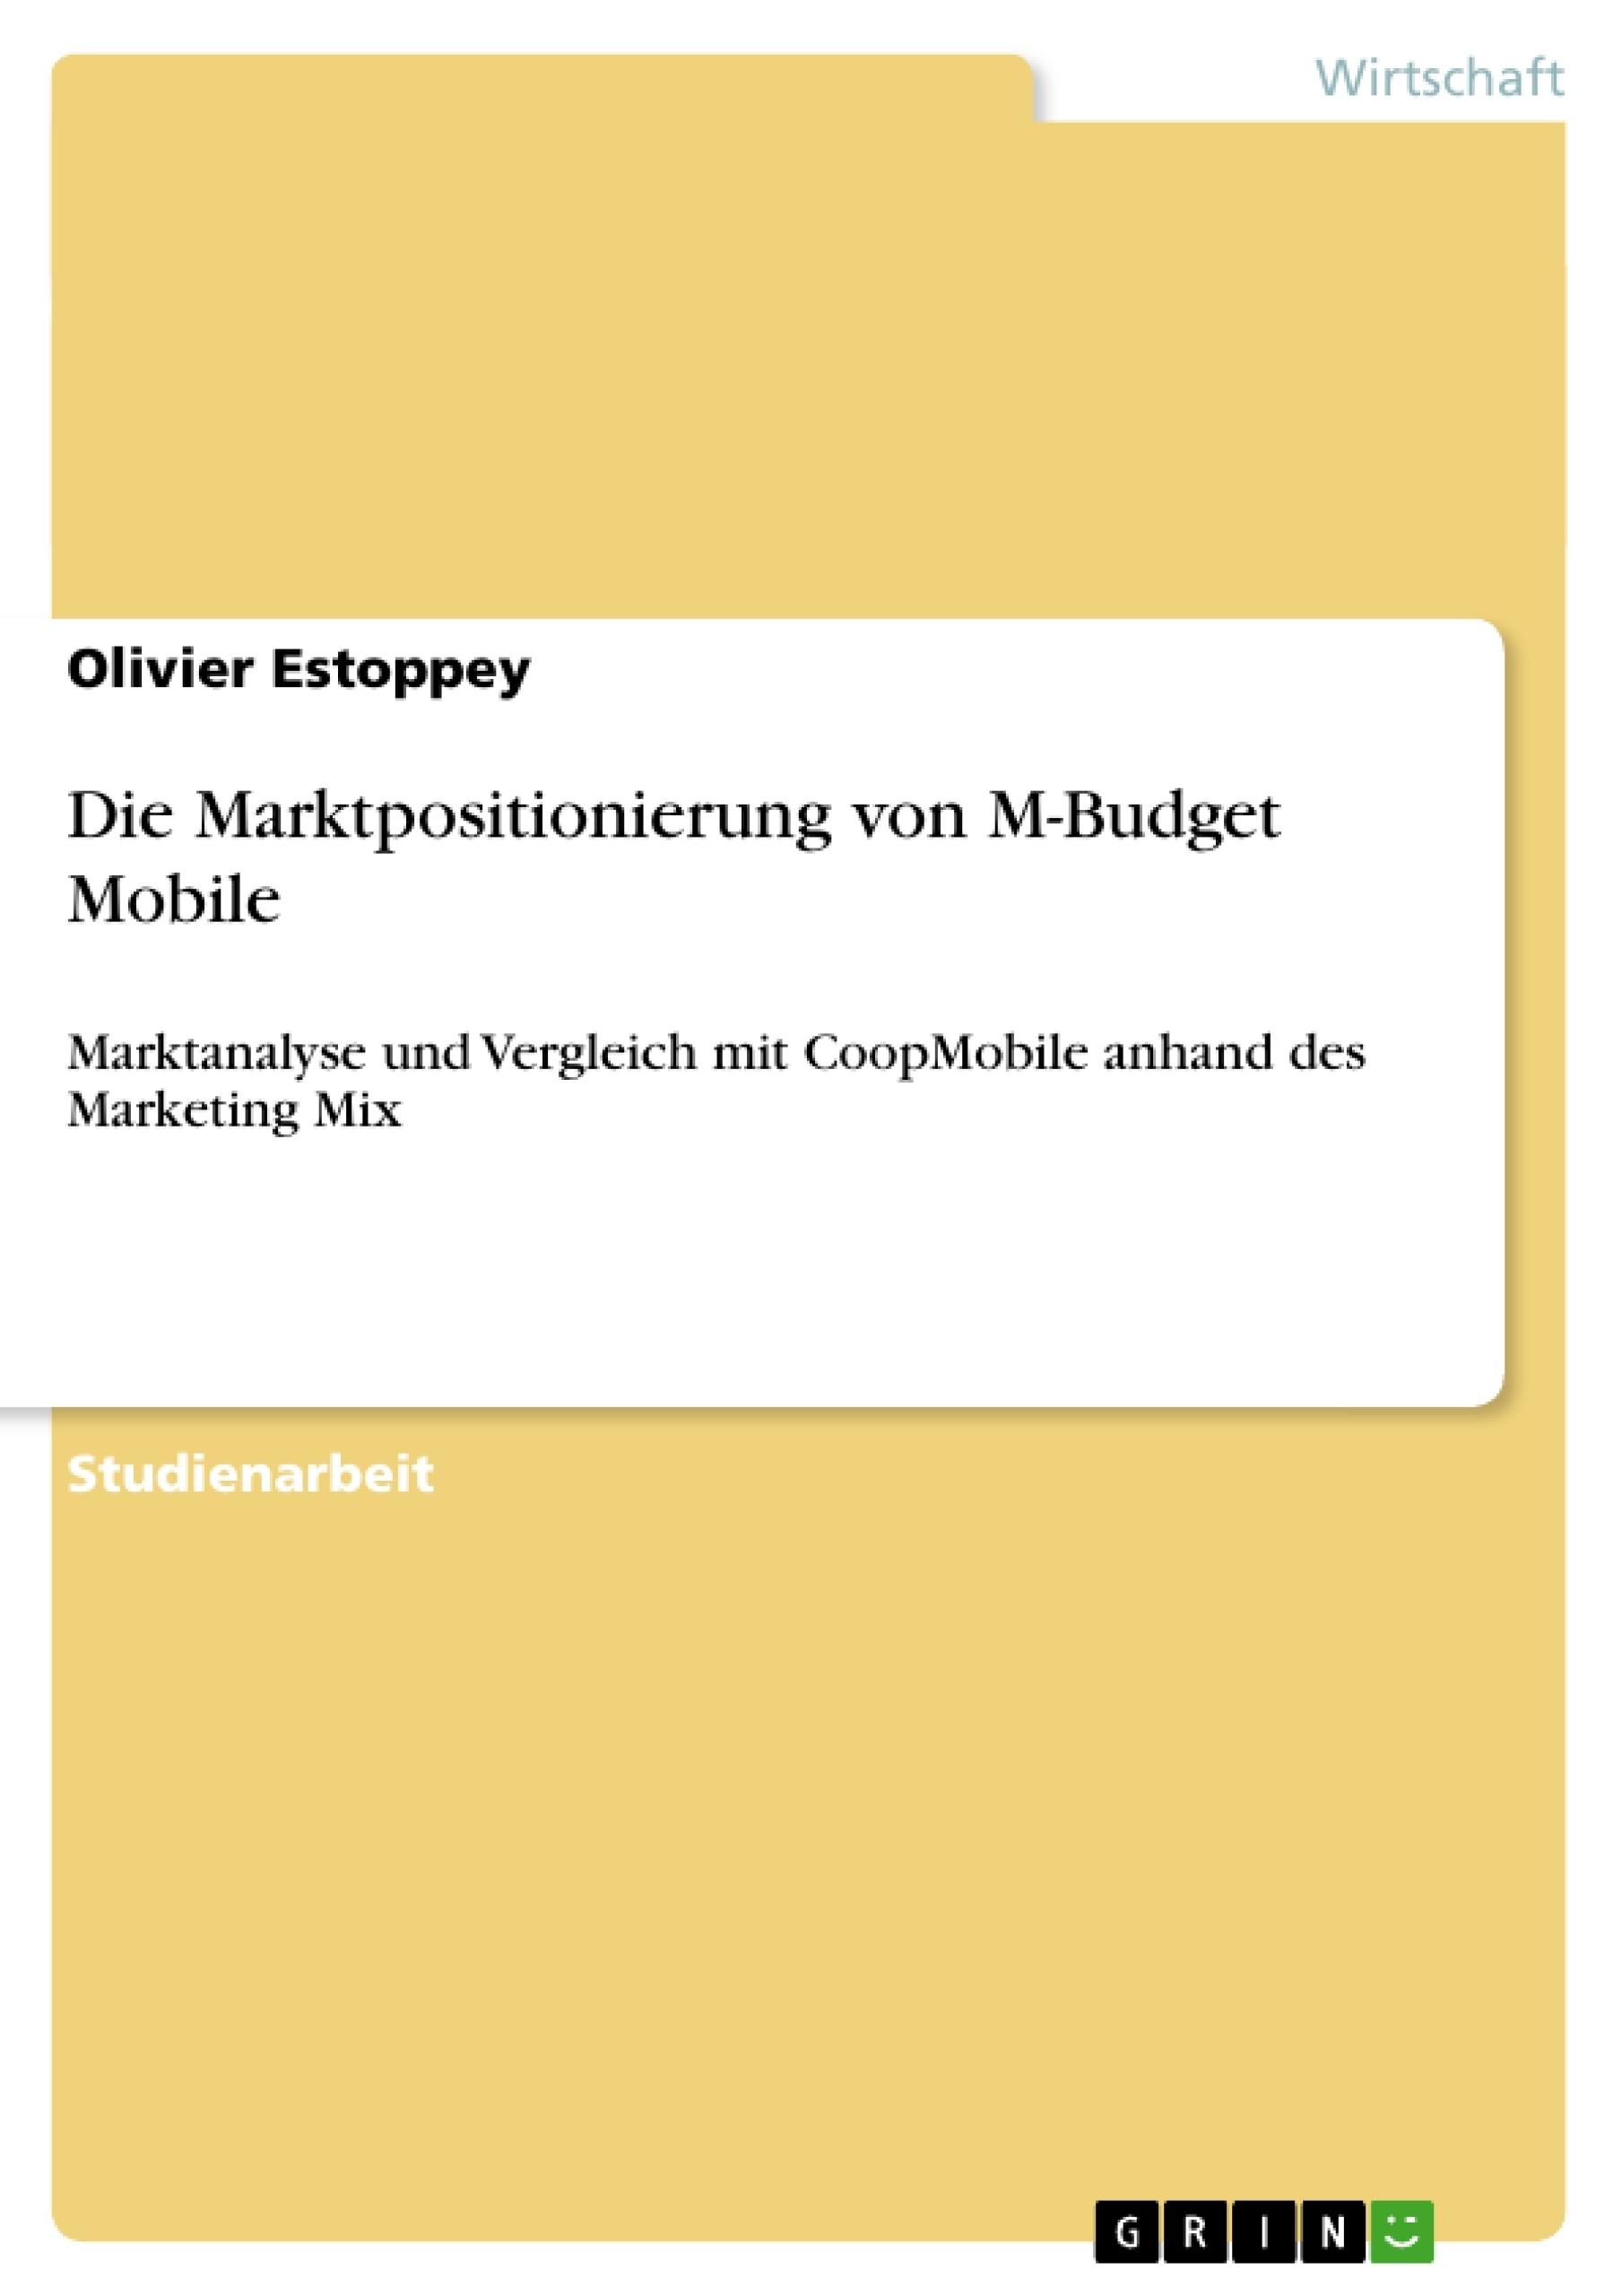 Titel: Die Marktpositionierung von M-Budget Mobile